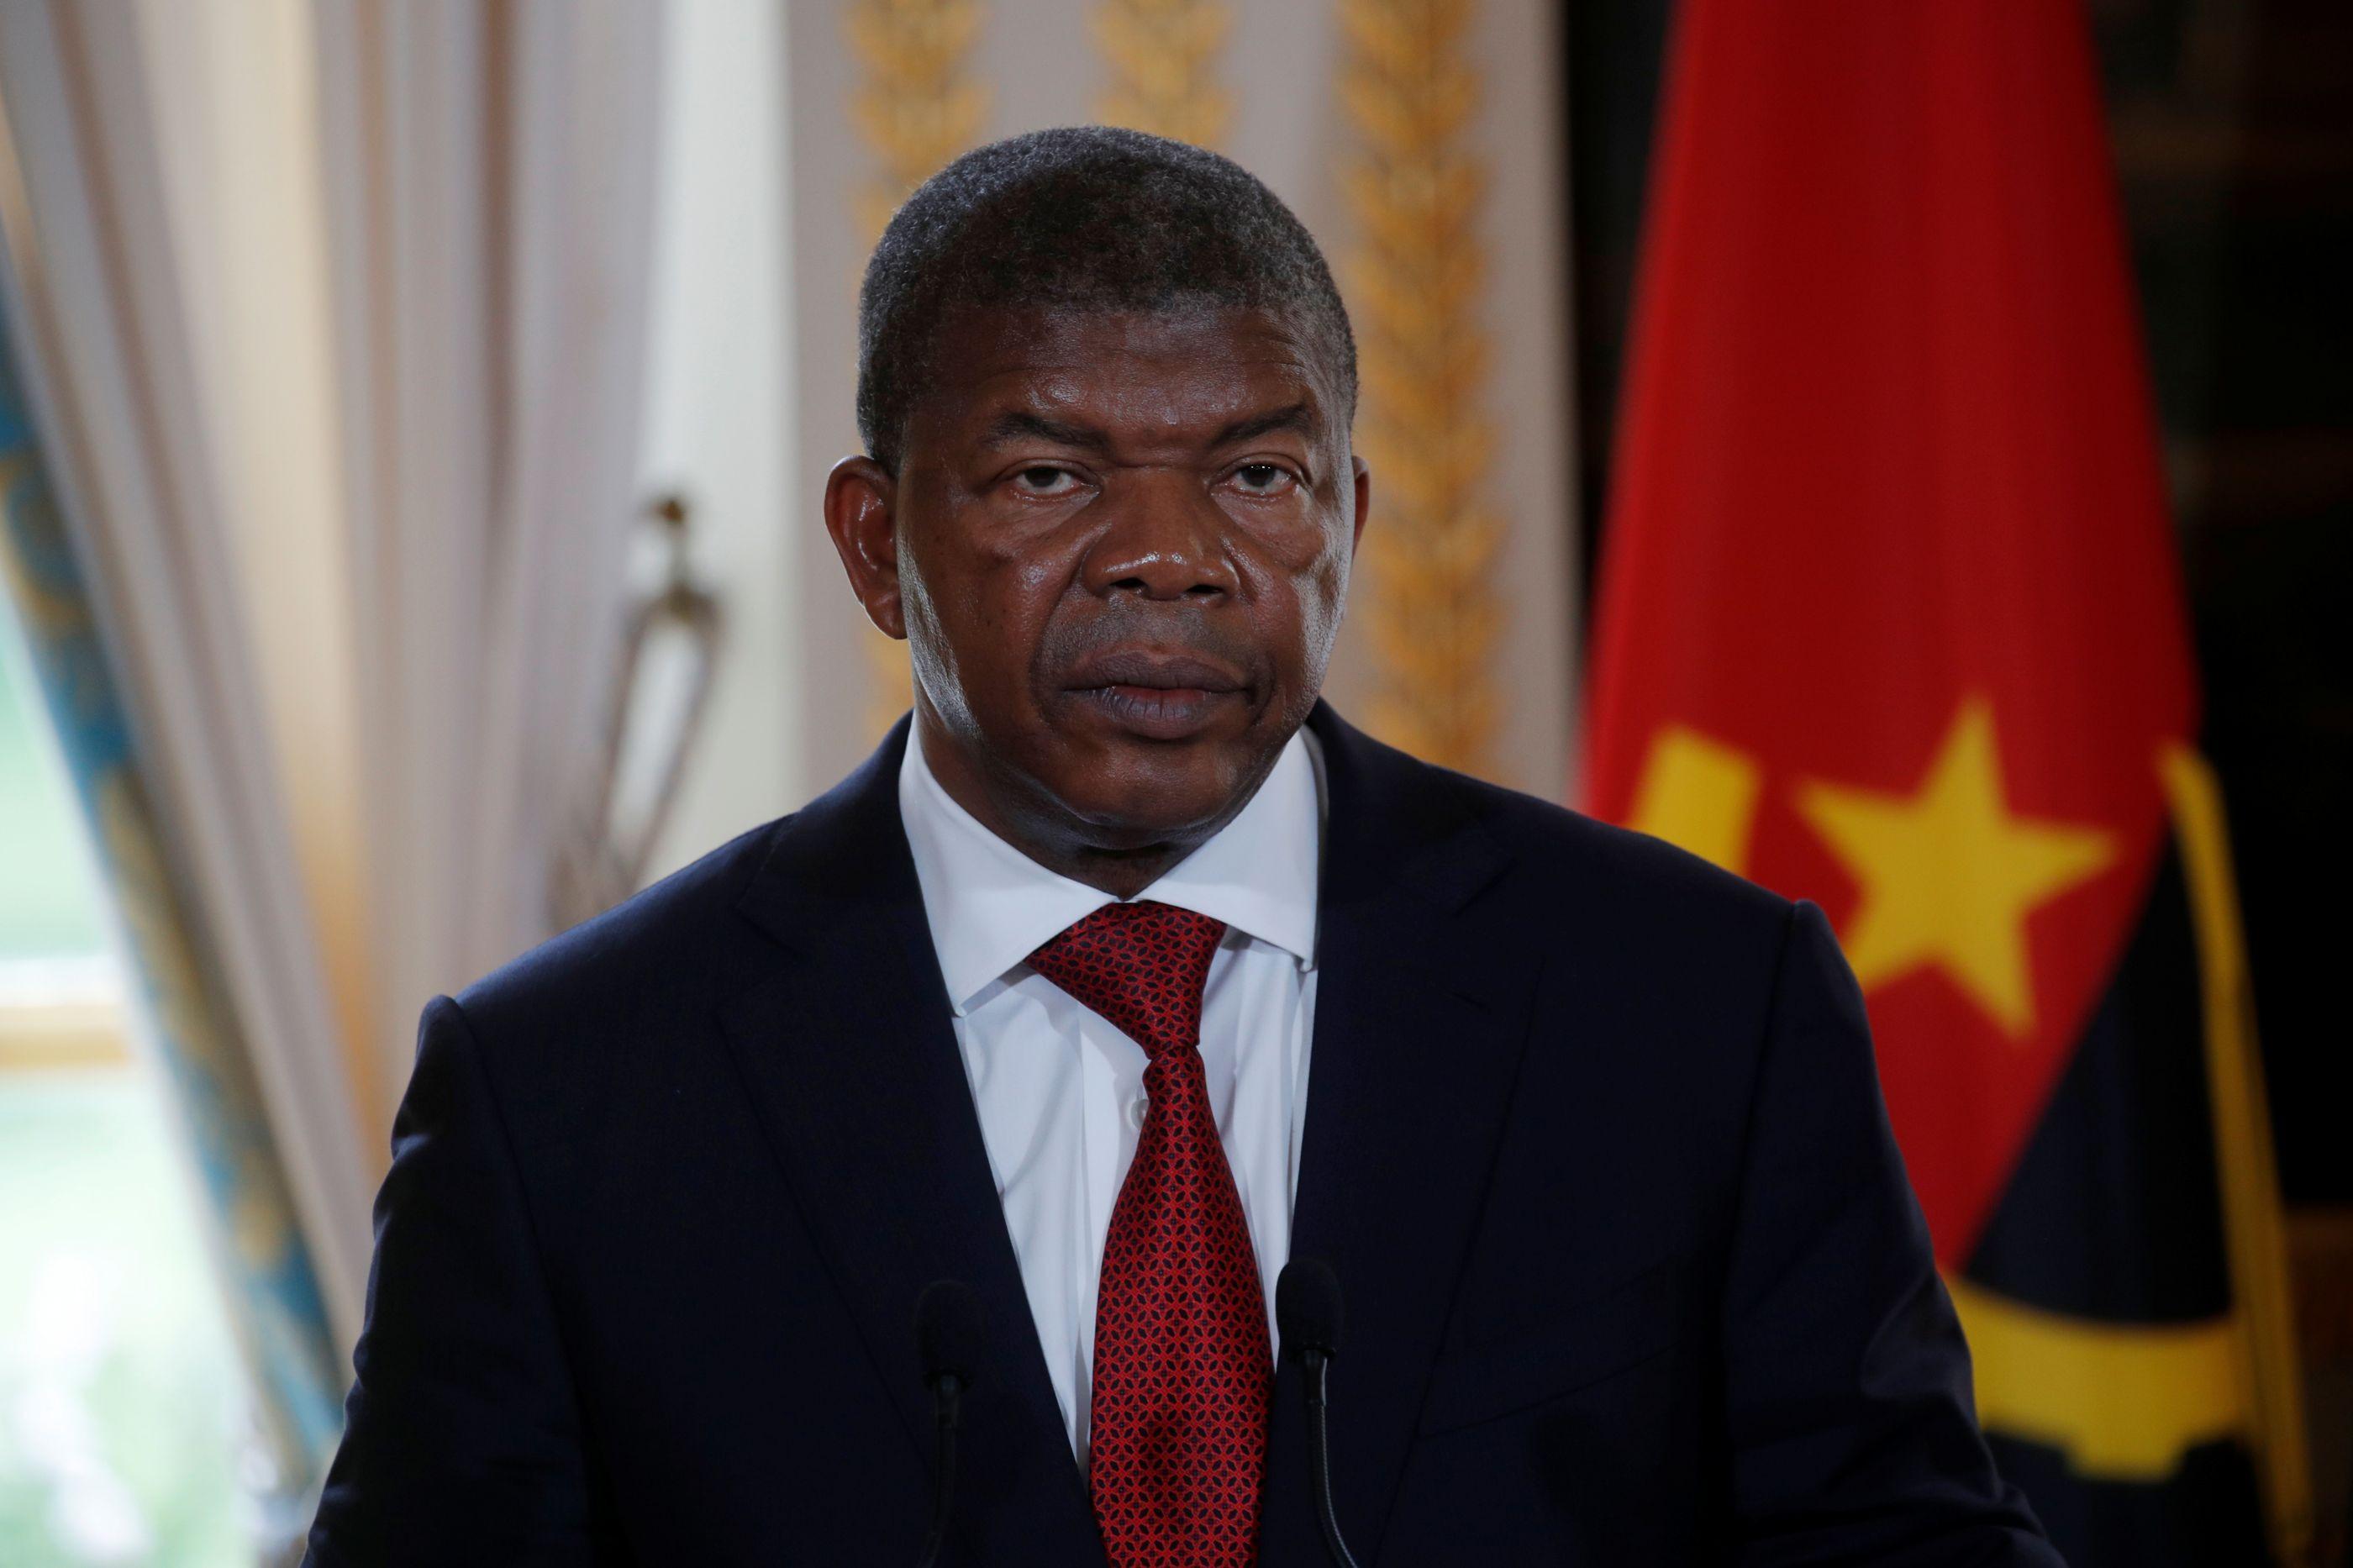 Presidente de Angola frisa que não há ressentimento contra o colonialismo